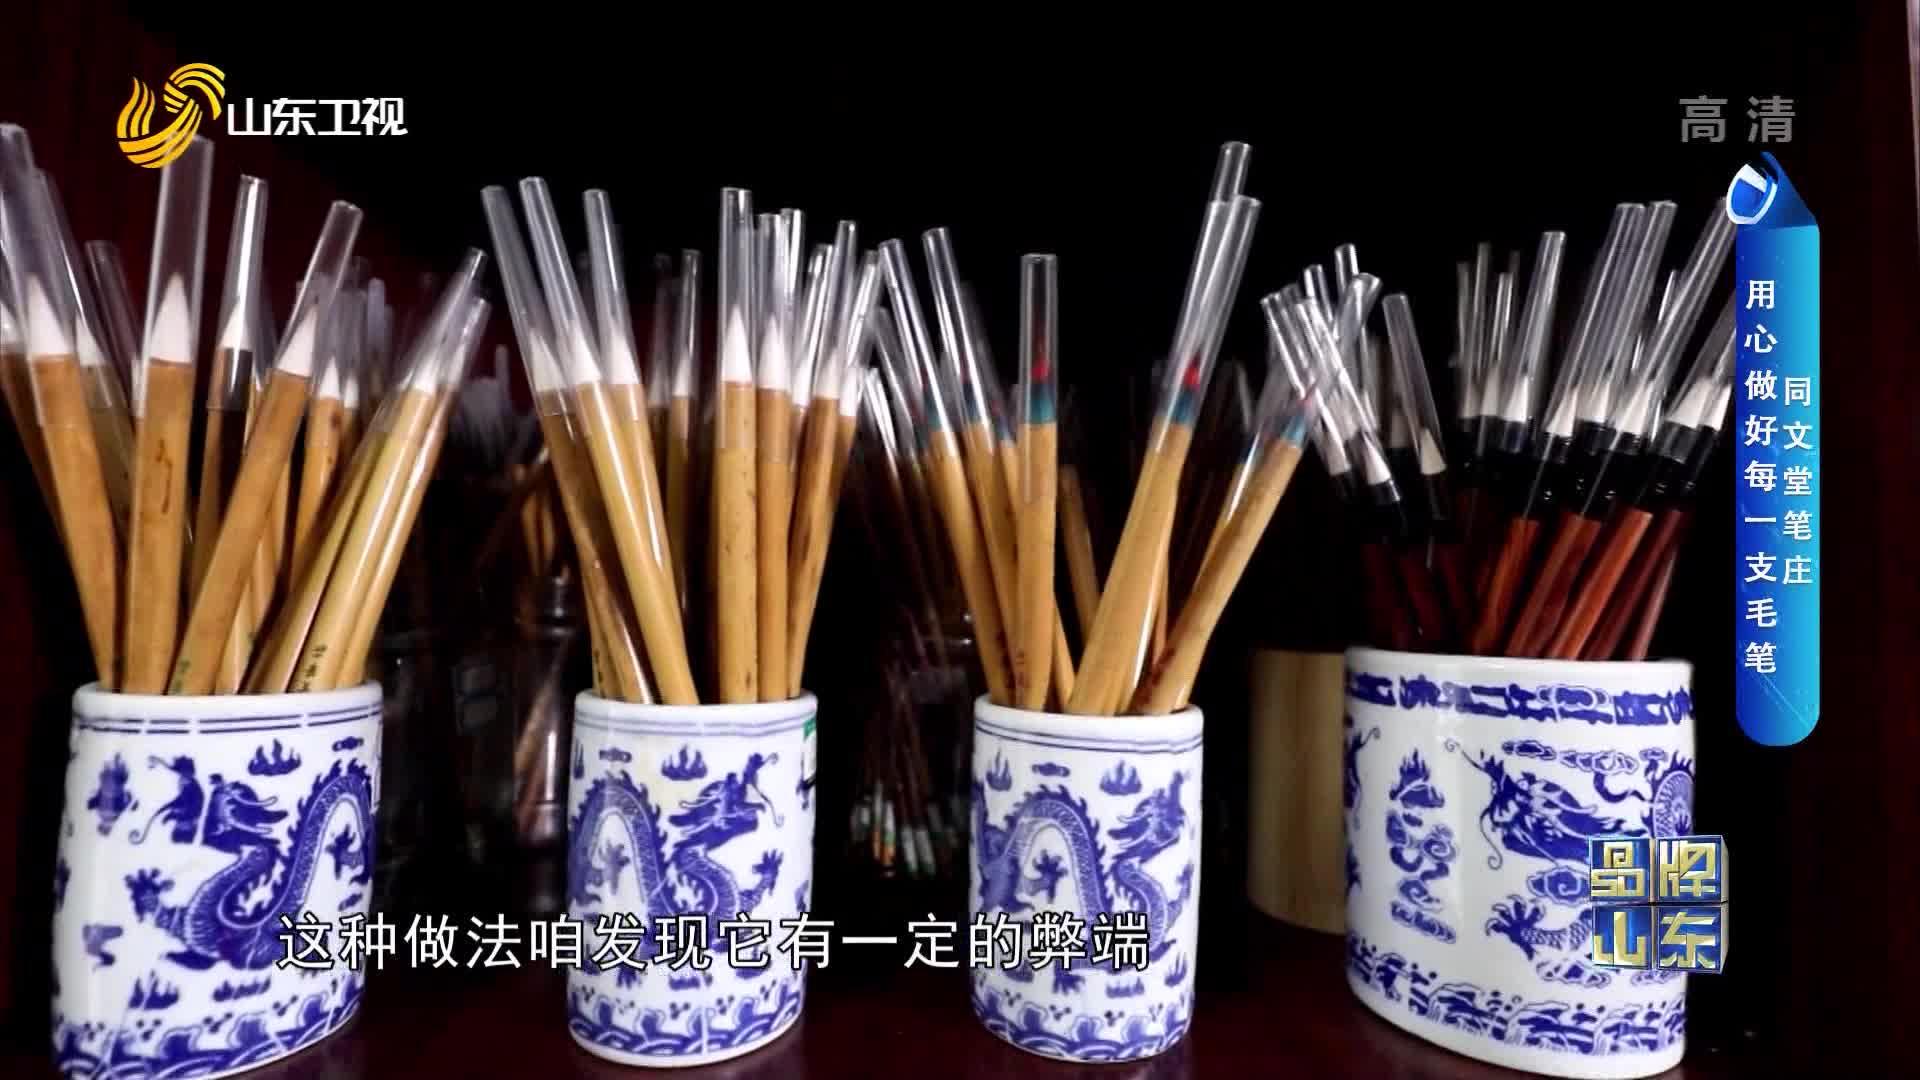 【品牌新势力】同文堂笔庄:用心做好每一支毛笔